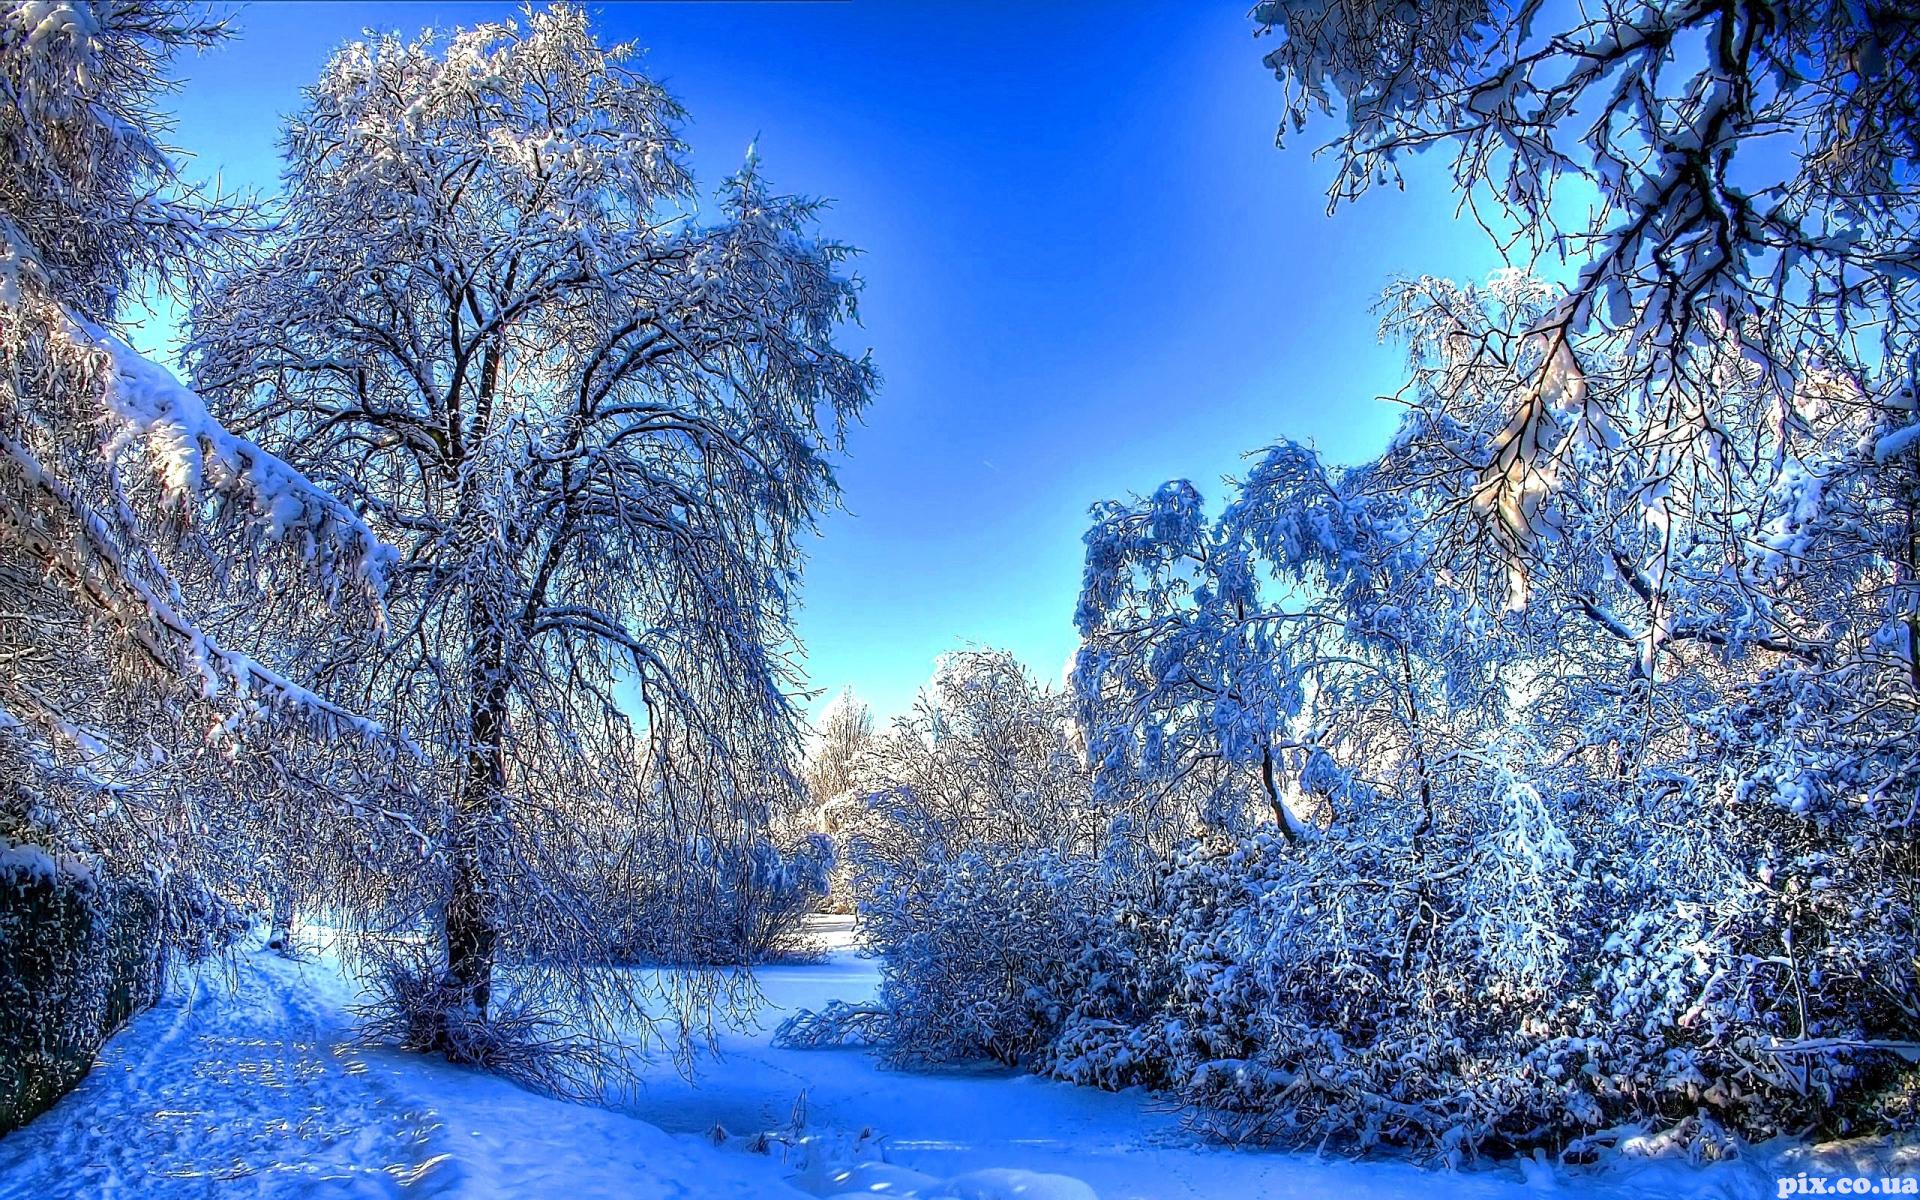 Скачать обои зима картинки на рабочий стол